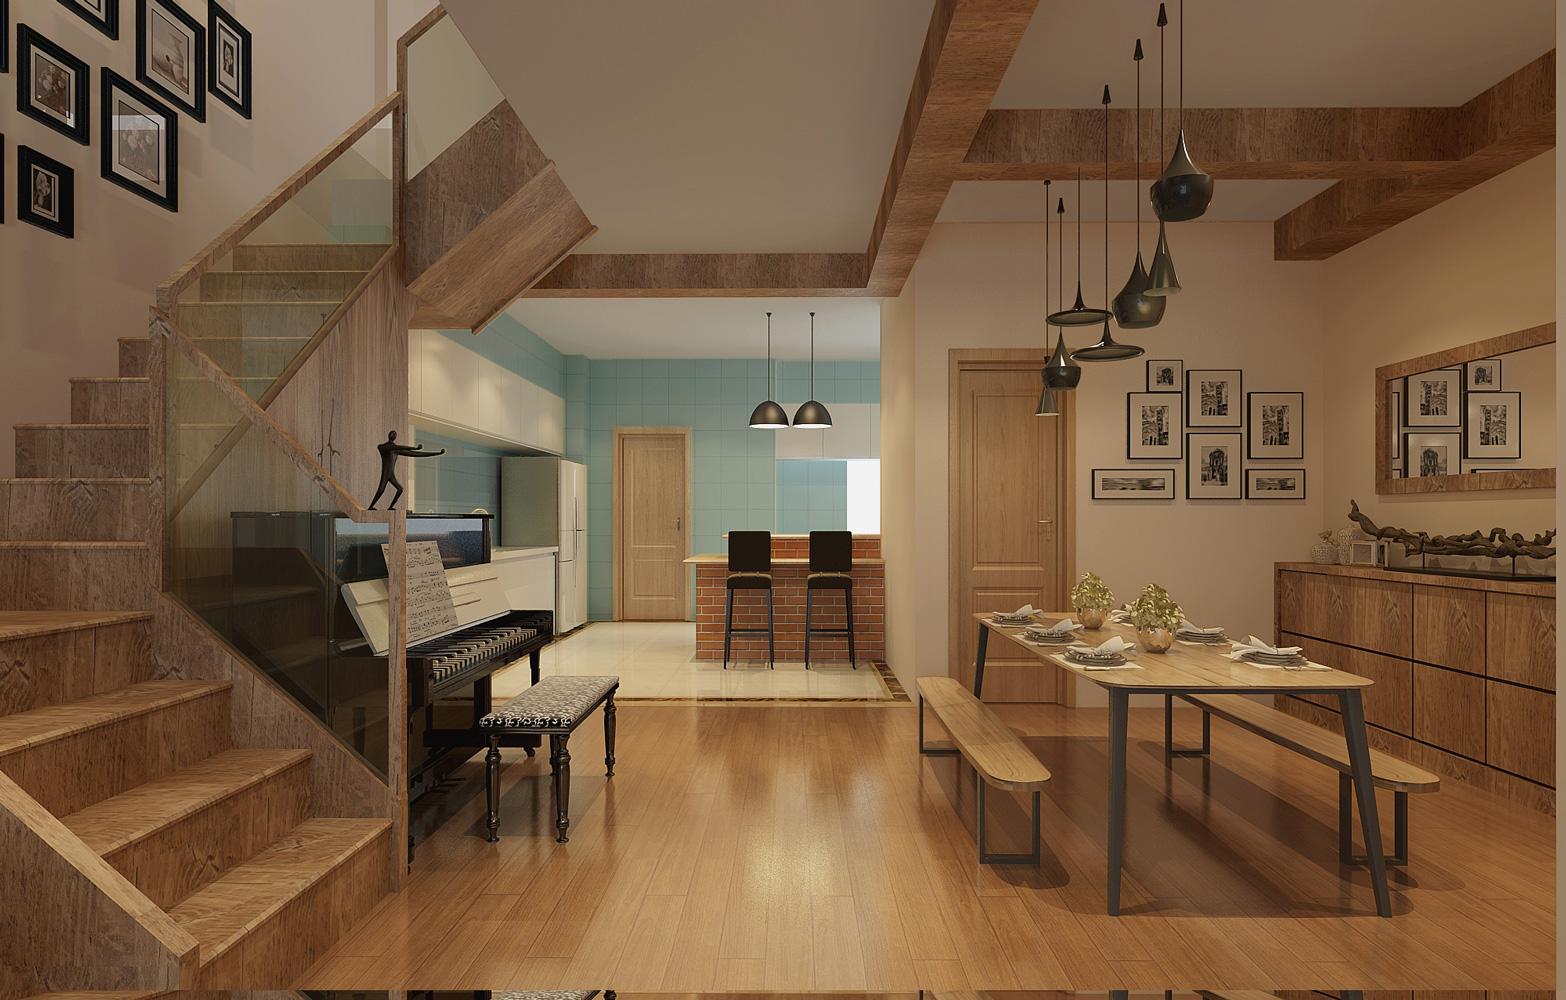 复地香栀花 别墅装修 简美风格 腾龙设计 餐厅图片来自腾龙设计在复地香栀花园别墅现代风格设计1的分享